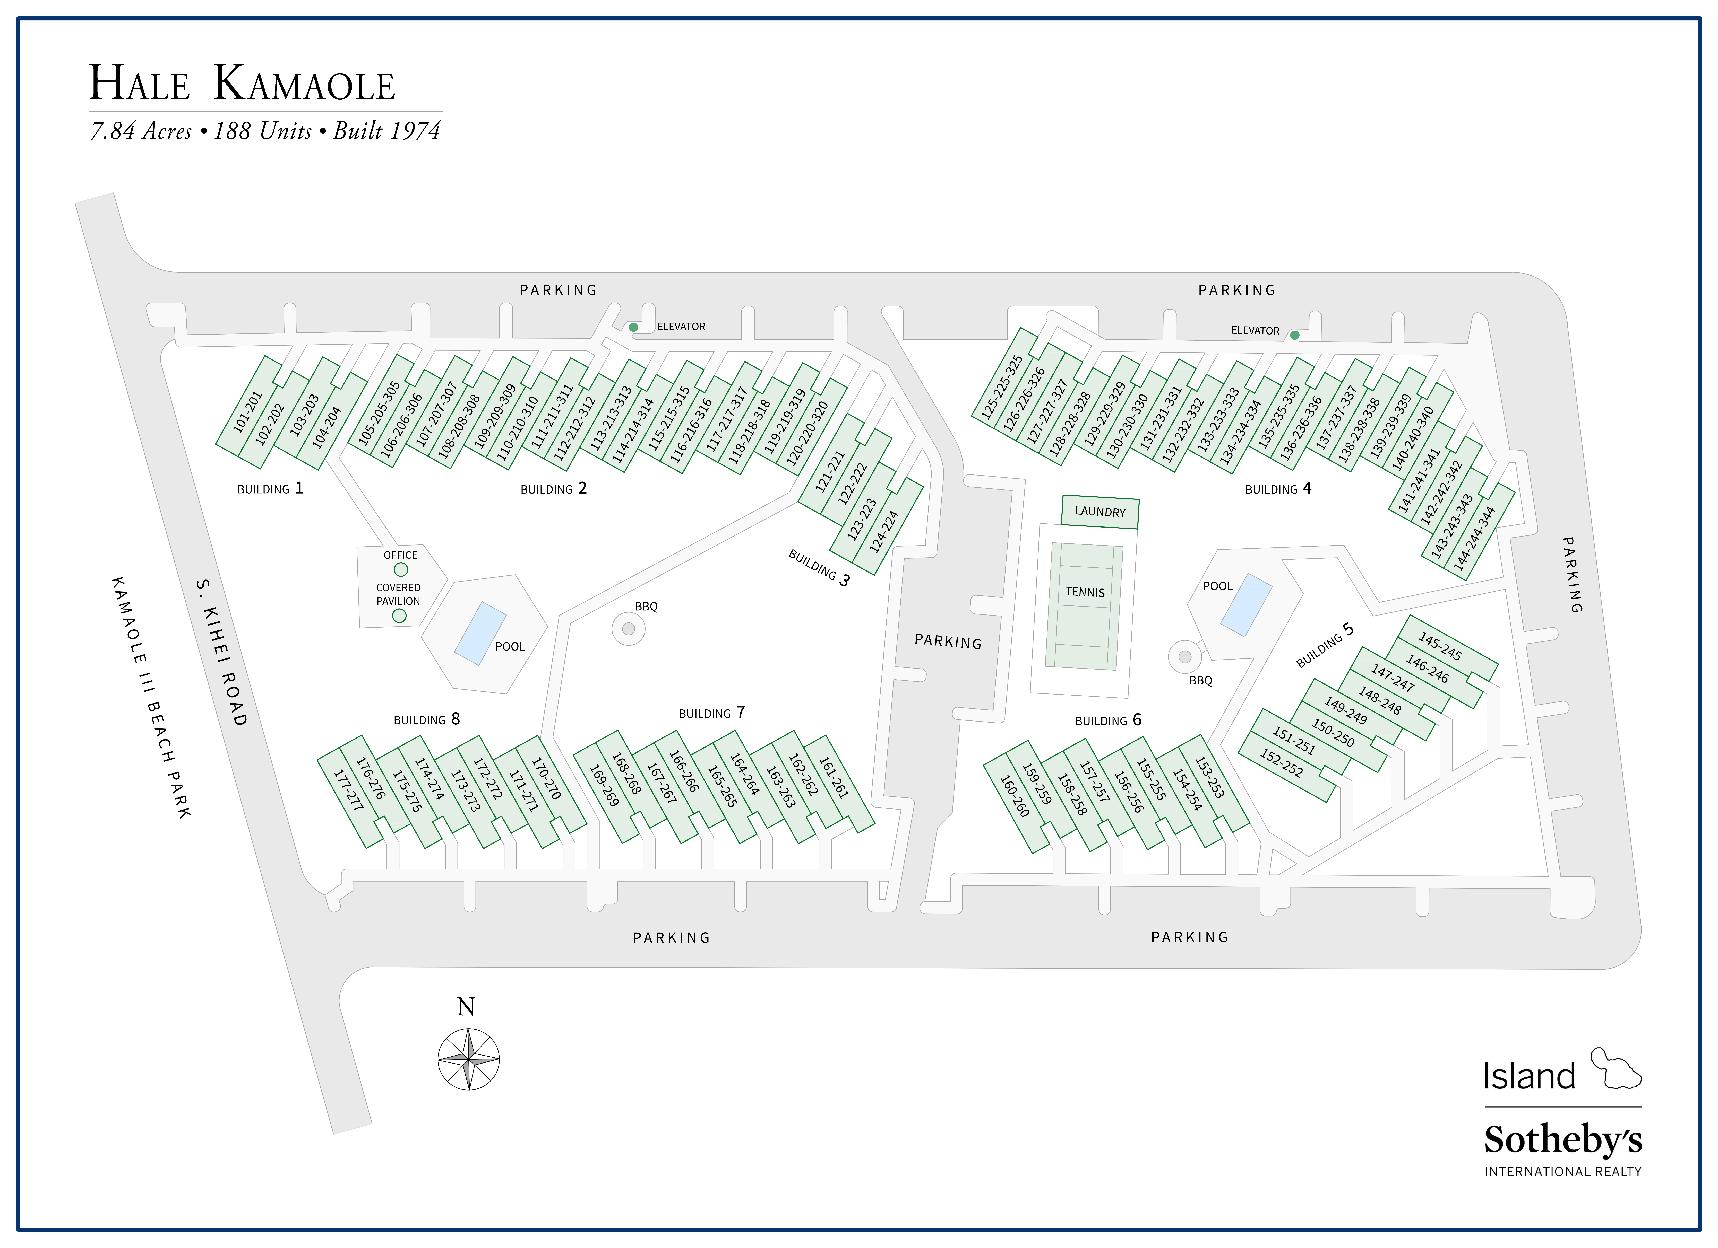 Hale Kamaole Condos For Sale   Kihei Real Estate, Maui on kiahuna plantation property map, maui banyan property map, wailea beach villas property map, kihei akahi property map, makena surf property map,